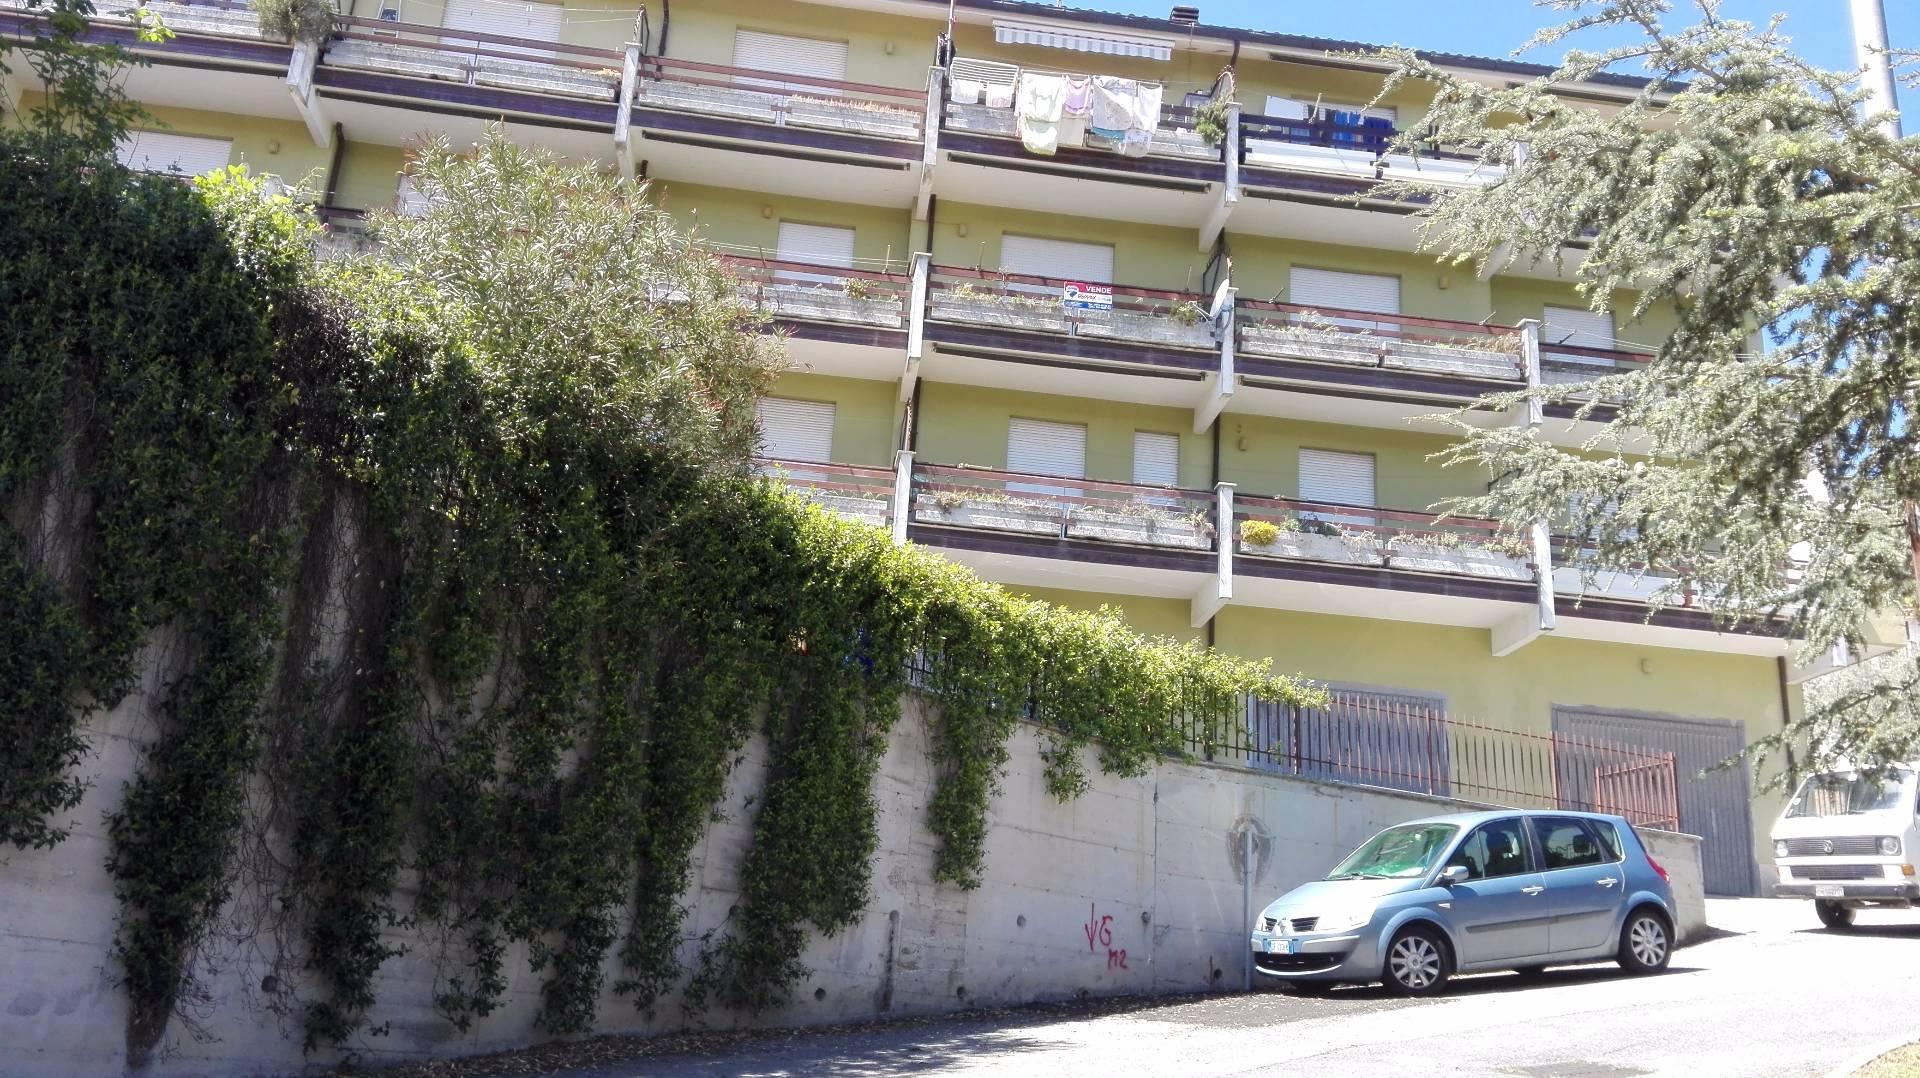 Appartamento in vendita a Pisoniano, 3 locali, prezzo € 99.000 | Cambio Casa.it